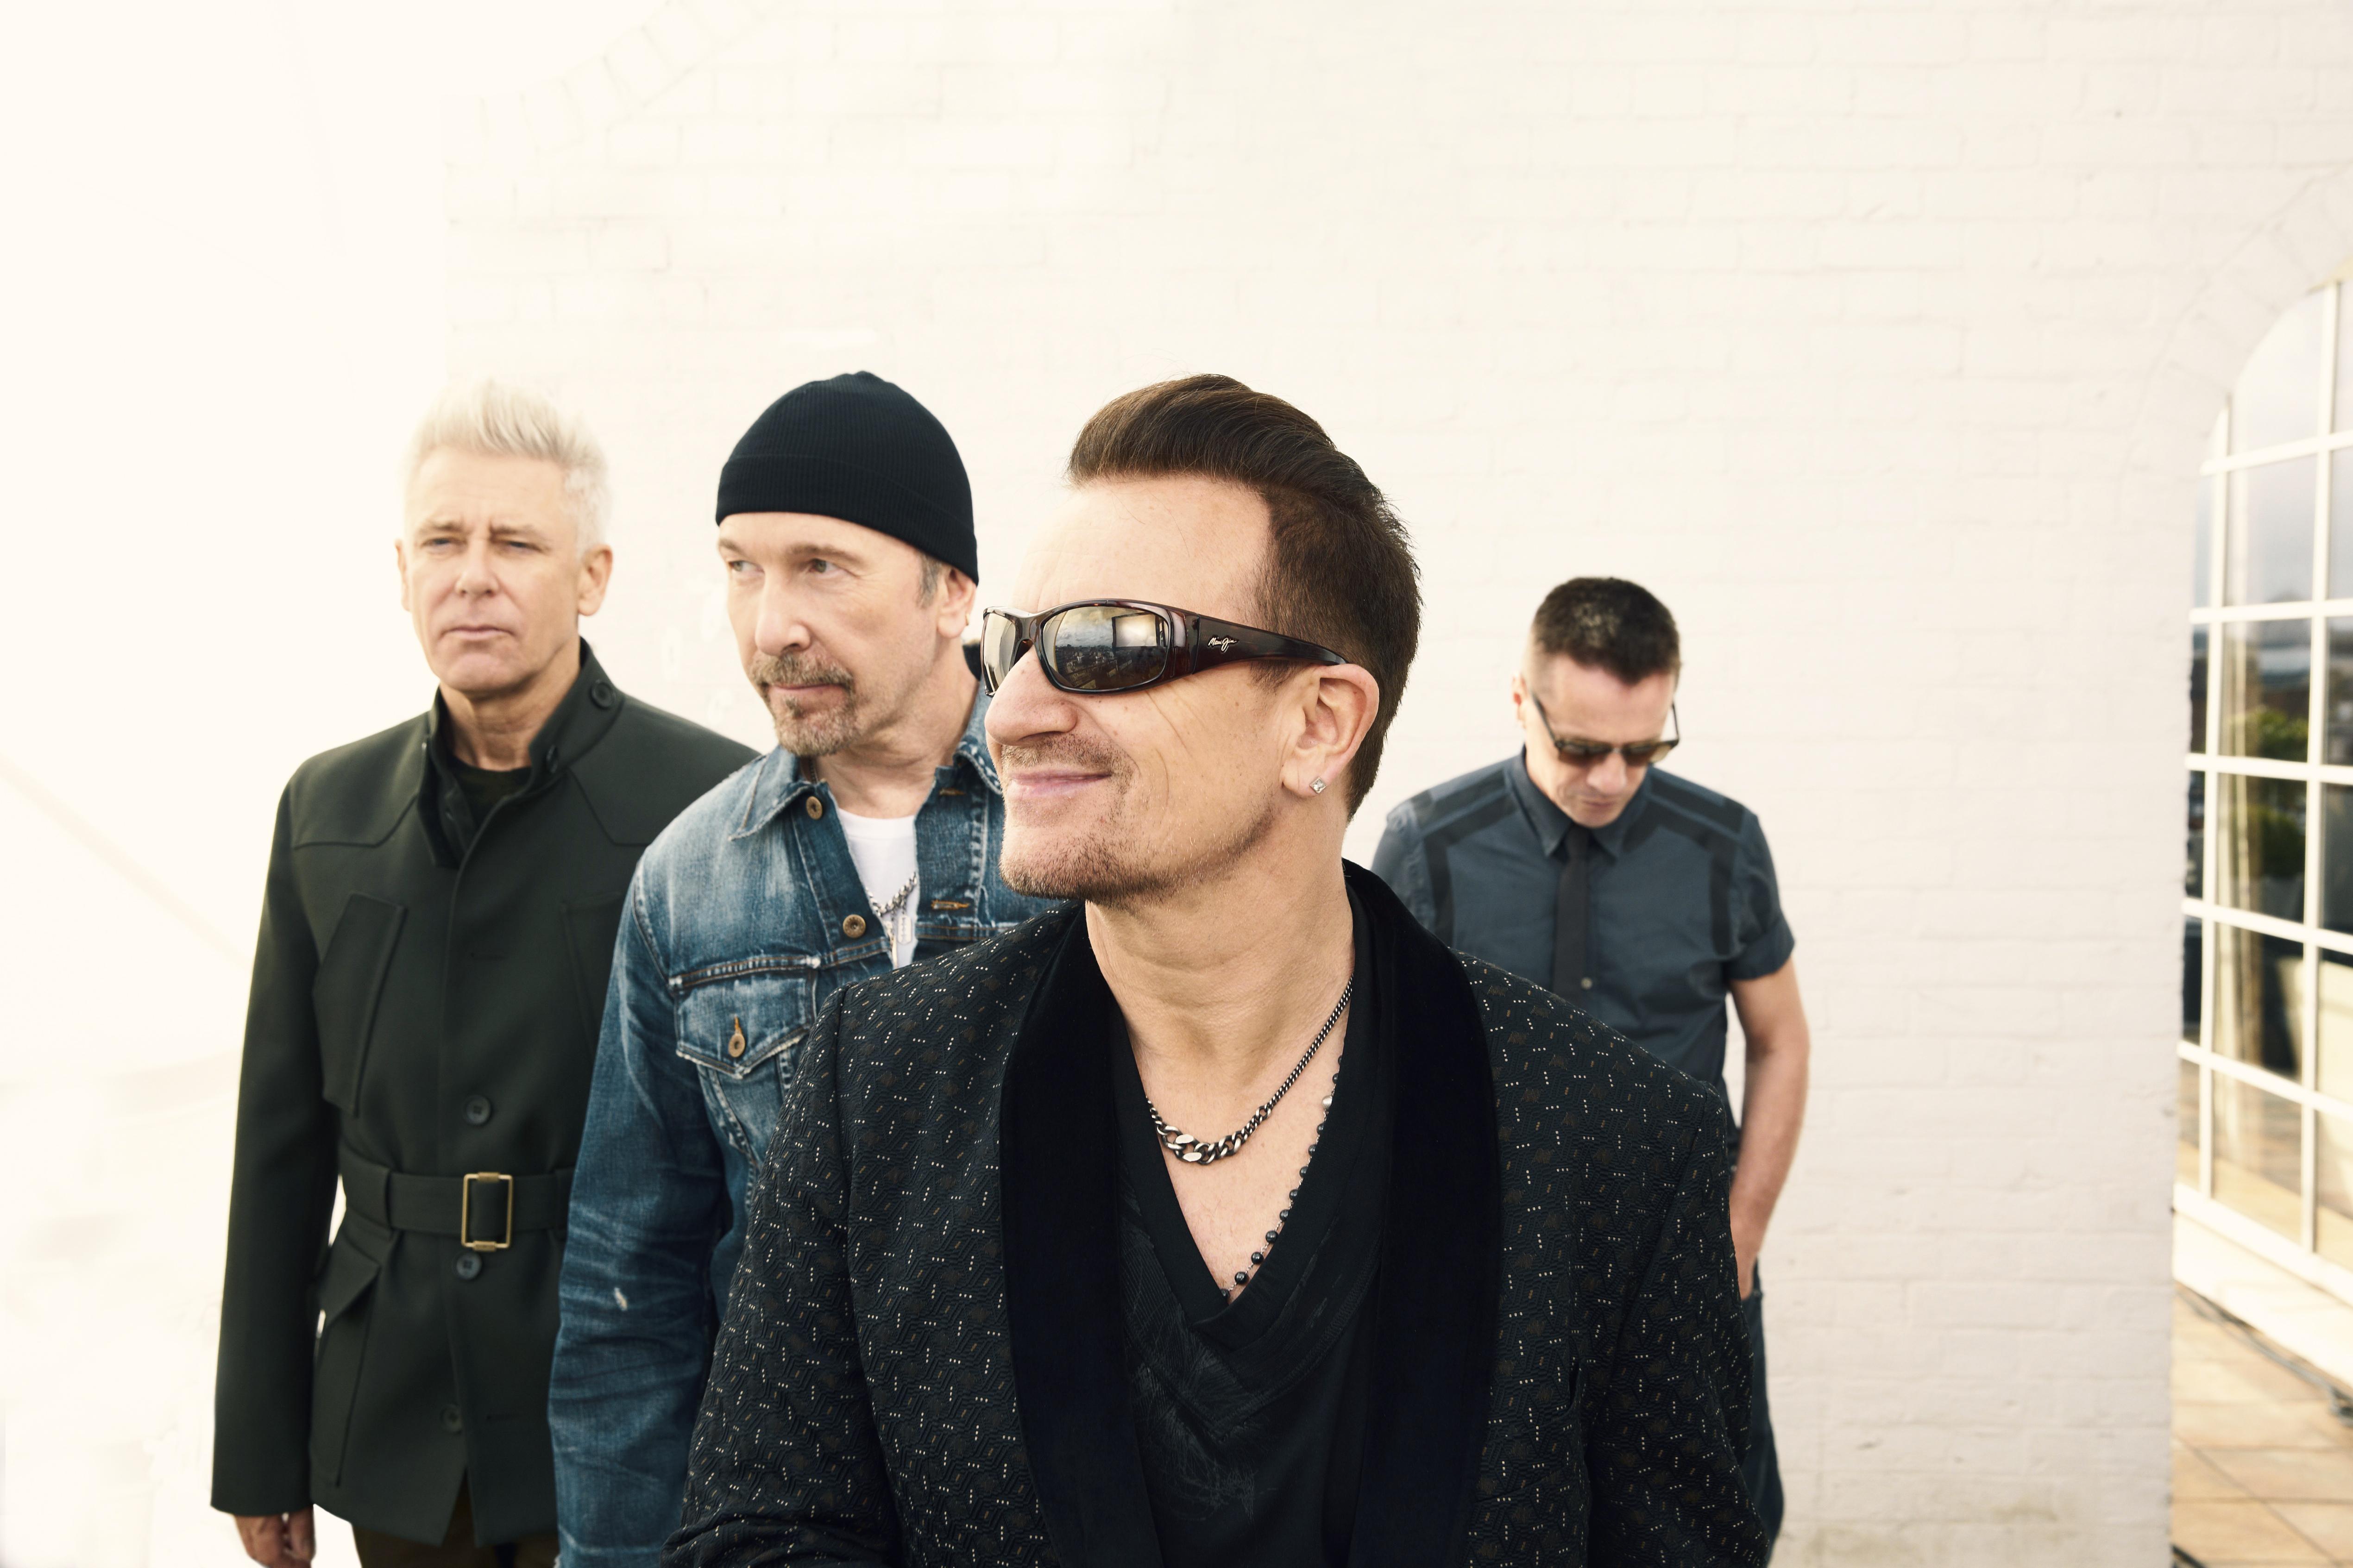 Foto: Paolo Pellegrin / U2.com